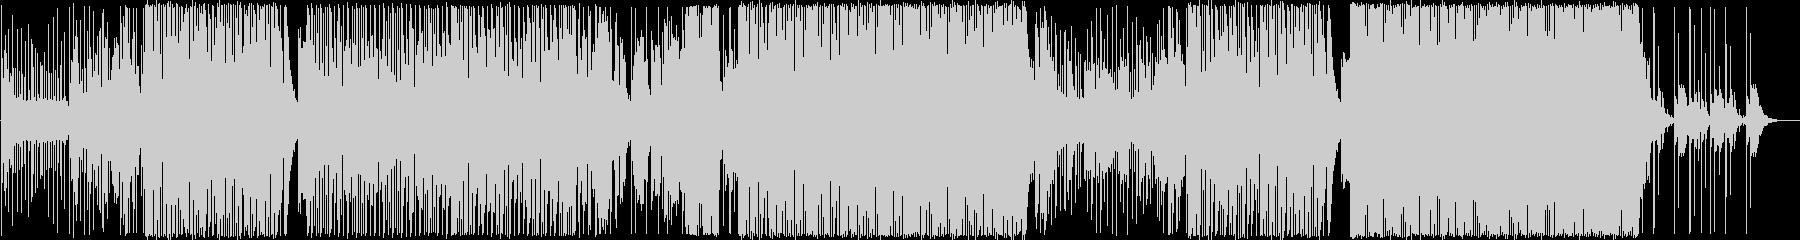 シンセサイザーとサックスの軽快な曲の未再生の波形